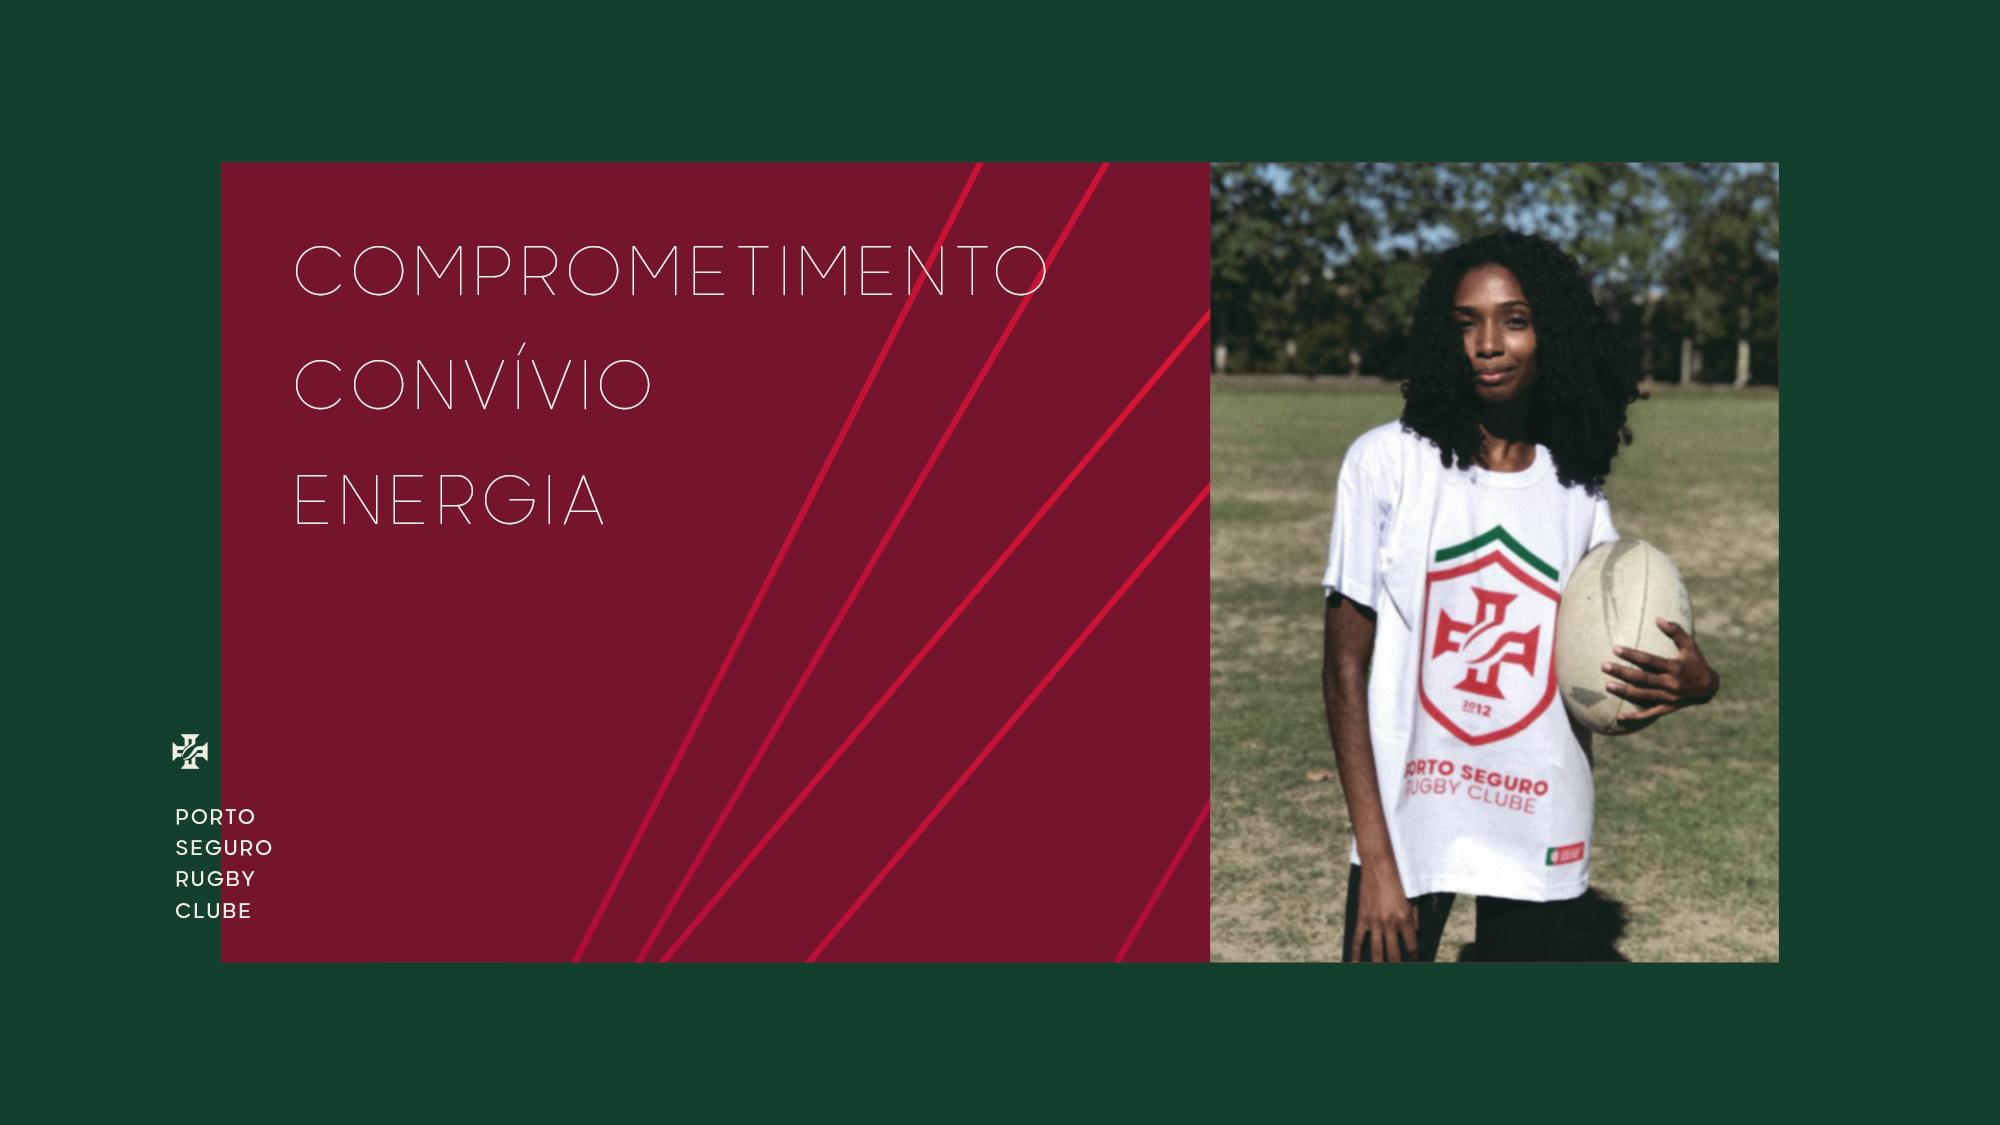 2020-Nacione-Branding-Porto-Seguro-Rugby-Clube9